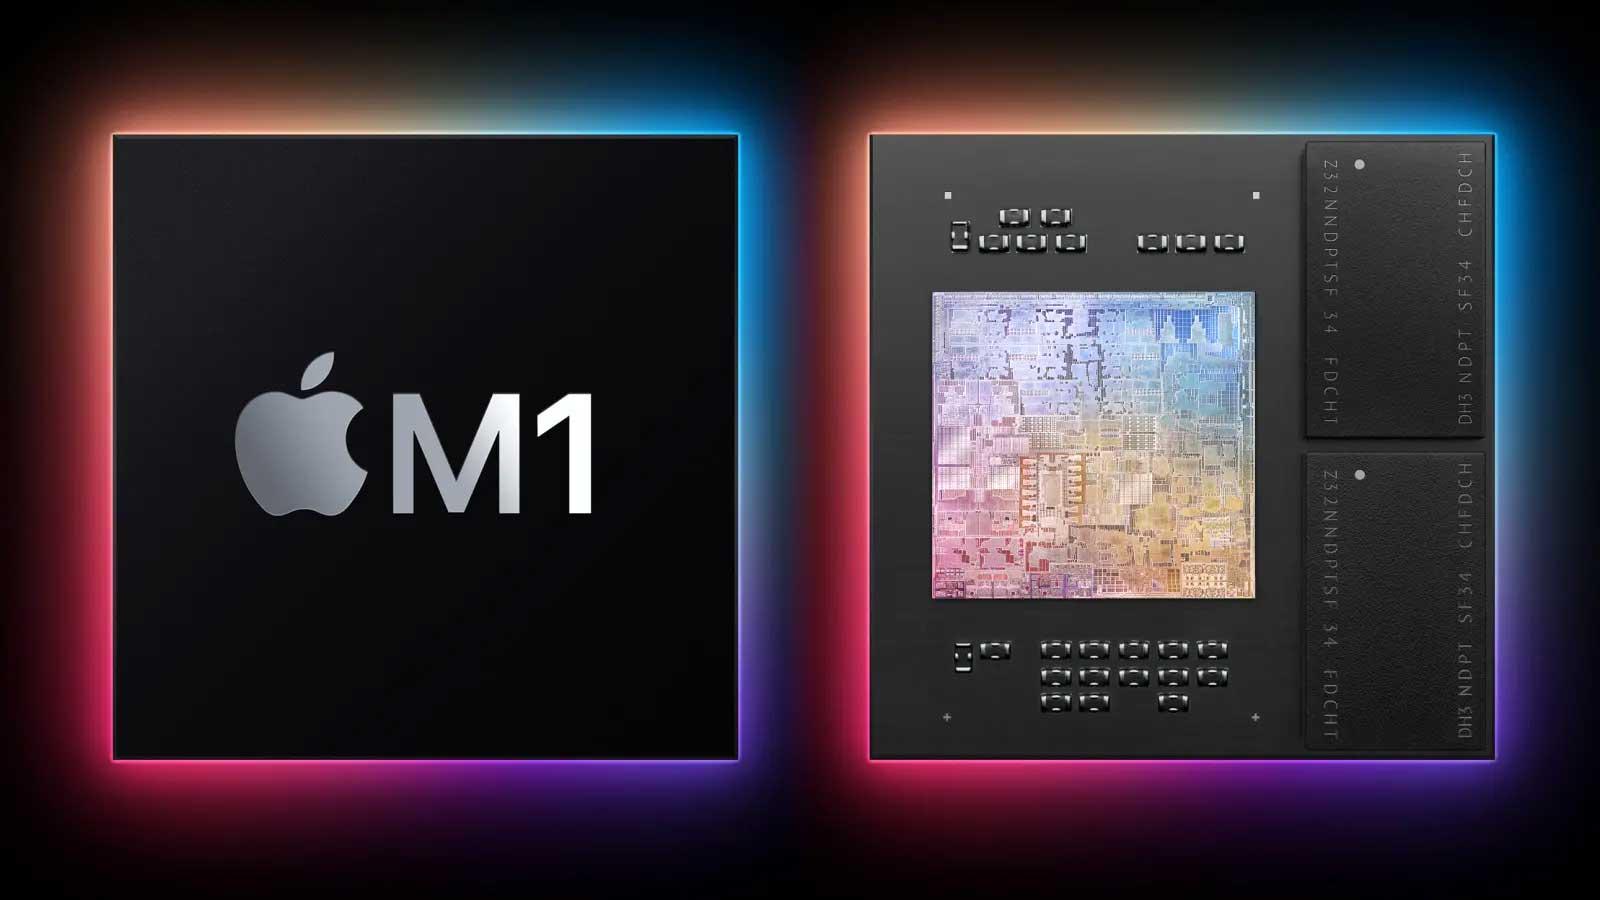 تراشه اپل M1 اولین تراشه ARM اپل برای مک بوک معرفی شد